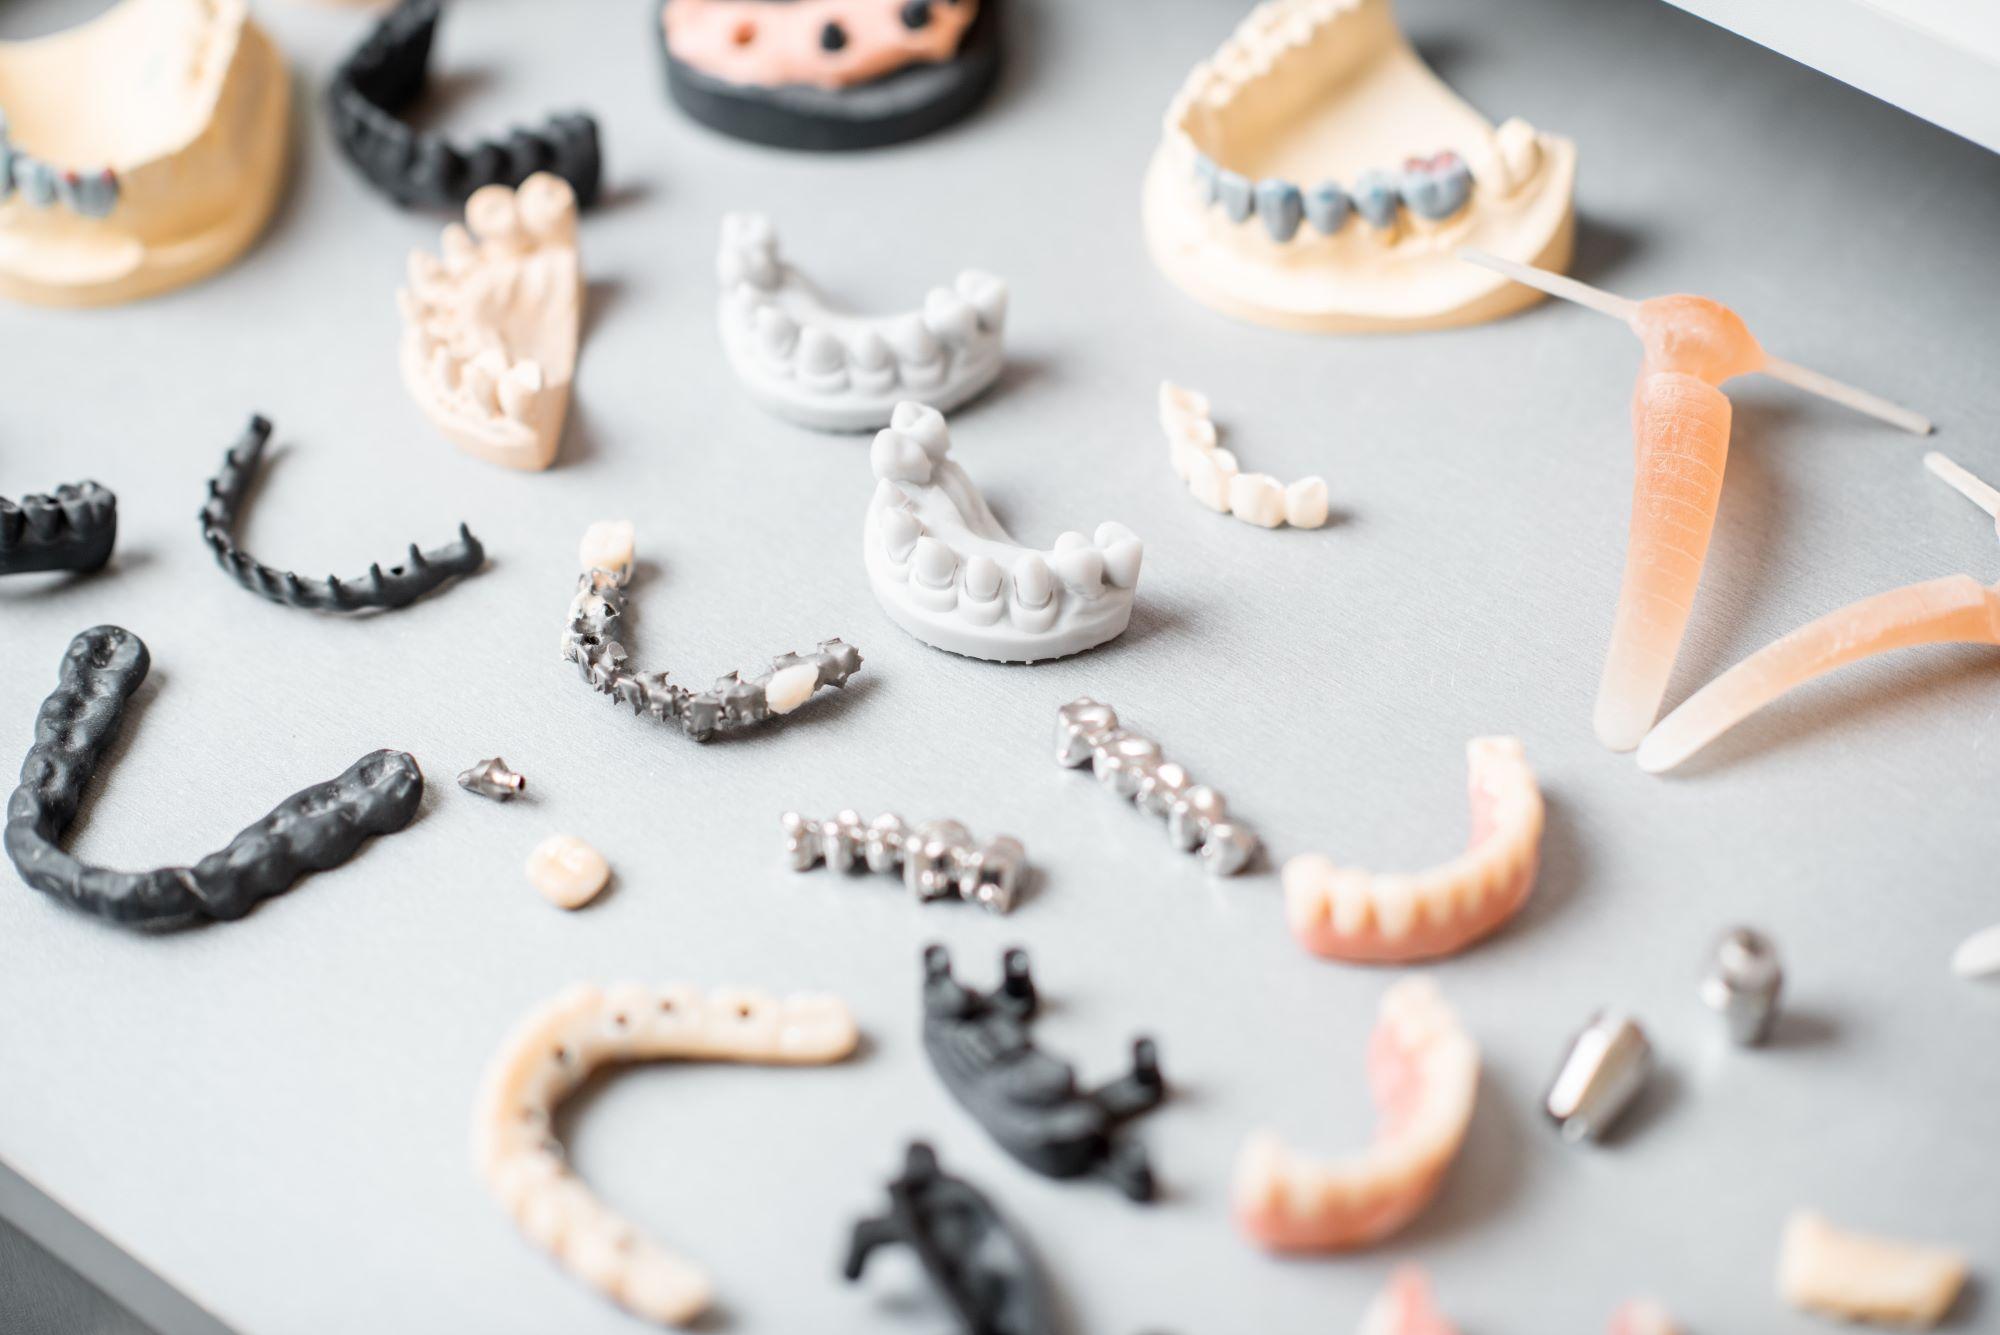 假牙種類多,這篇帶你快速認識假牙種類